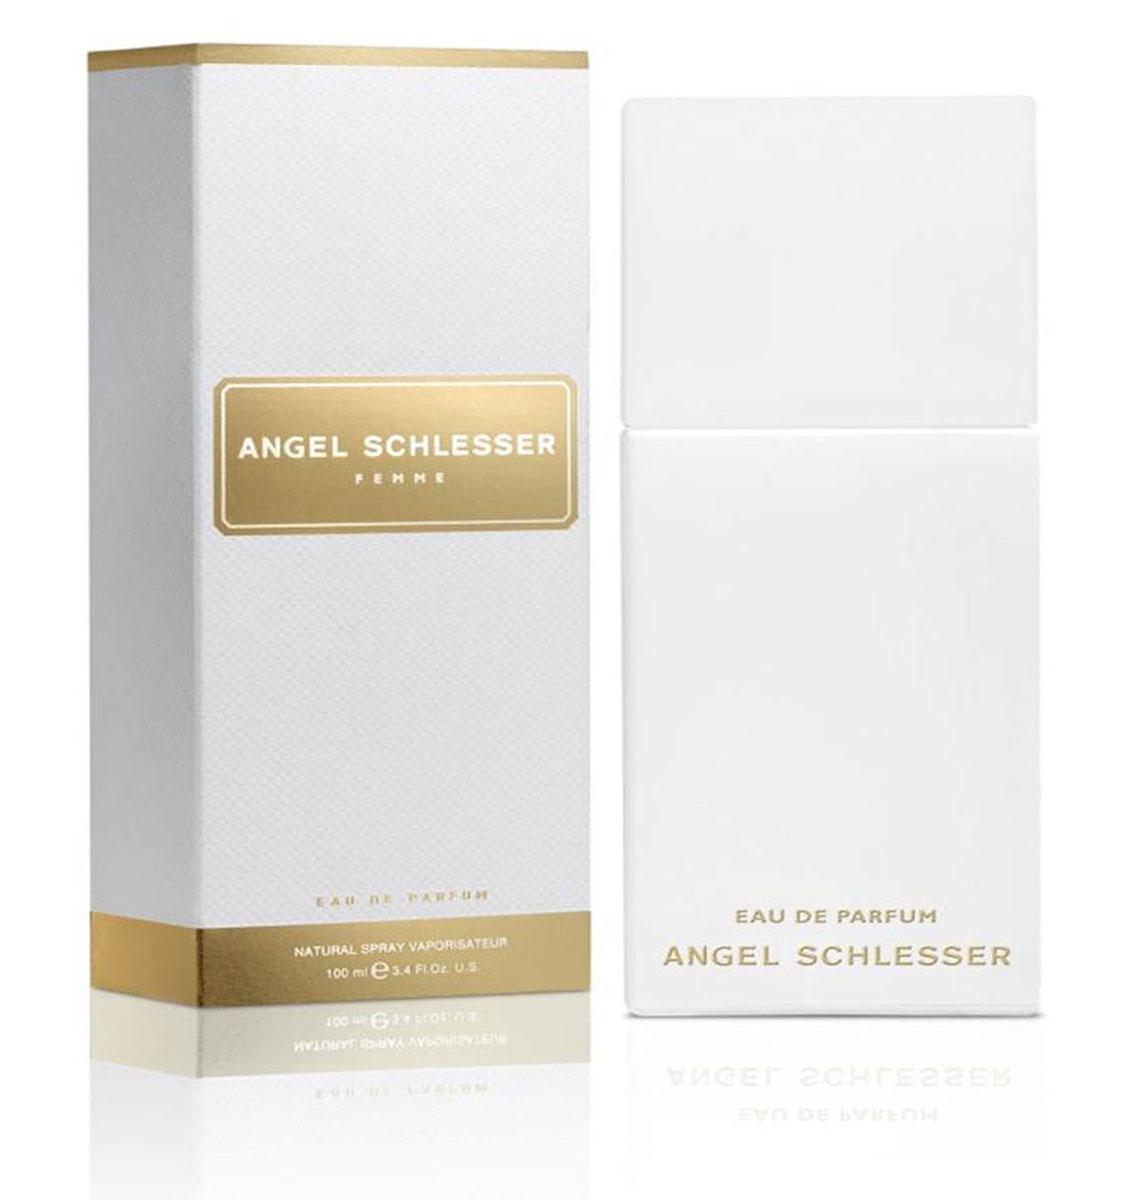 Angel Schlesser Femme Парфюмерная вода, женская, 30 мл0737052802749Новая Парфюмированная вода ANGEL SCHLESSER FEMME основана на оригинальной парфюмерной композиции. Она передает тот же свежий, прозрачный аромат, становясь при этом более чувственной и теплой. Аромат контрастов, где свежесть и теплота чередуются с красотой и элегантностью, соблазнительное очарование женщины передает интенсивная композиция, полная женственной чувственности. Женщина ANGEL SCHLESSER FEMME обладает естественной элегантностью и внутренней красотой. Ей не нужны вычурные аксессуары для привлечения внимания. Все что ей нужно – быть настоящей, быть собой. А ее аромат – это часть ее индивидуальности. Парфюмированная вода ANGEL SCHLESSER FEMME делает акцент на ее обольстительной природе и придает ей больше притягательности, чувственности и теплоты.СТРУКТУРА АРОМАТАВерхние ноты: Мандарин, Португальский черный перец, Бергамот.Начальные ноты представляют собой искрящуюся свежесть бергамота и мандарина, которая вступает в контраст с пикантной теплотой перца.Сердечные ноты: Фиалка, Лепестки жасмина, Имбирь.Цветочные сердечные ноты женственны и жизнерадостны. Они представлены лепестками жасмина и таинственной нежностью фиалки. Экзотический имбирь завершает эту гармоничную композицию. Базовые ноты: Амбра, Бобы тонка, Светлая древесина, Белый мускус.Отражают чувственный и насыщенный характер аромата. Бобы тонка, мускус и амбра придают соблазнительный оттенок и женственное очарование композиции.